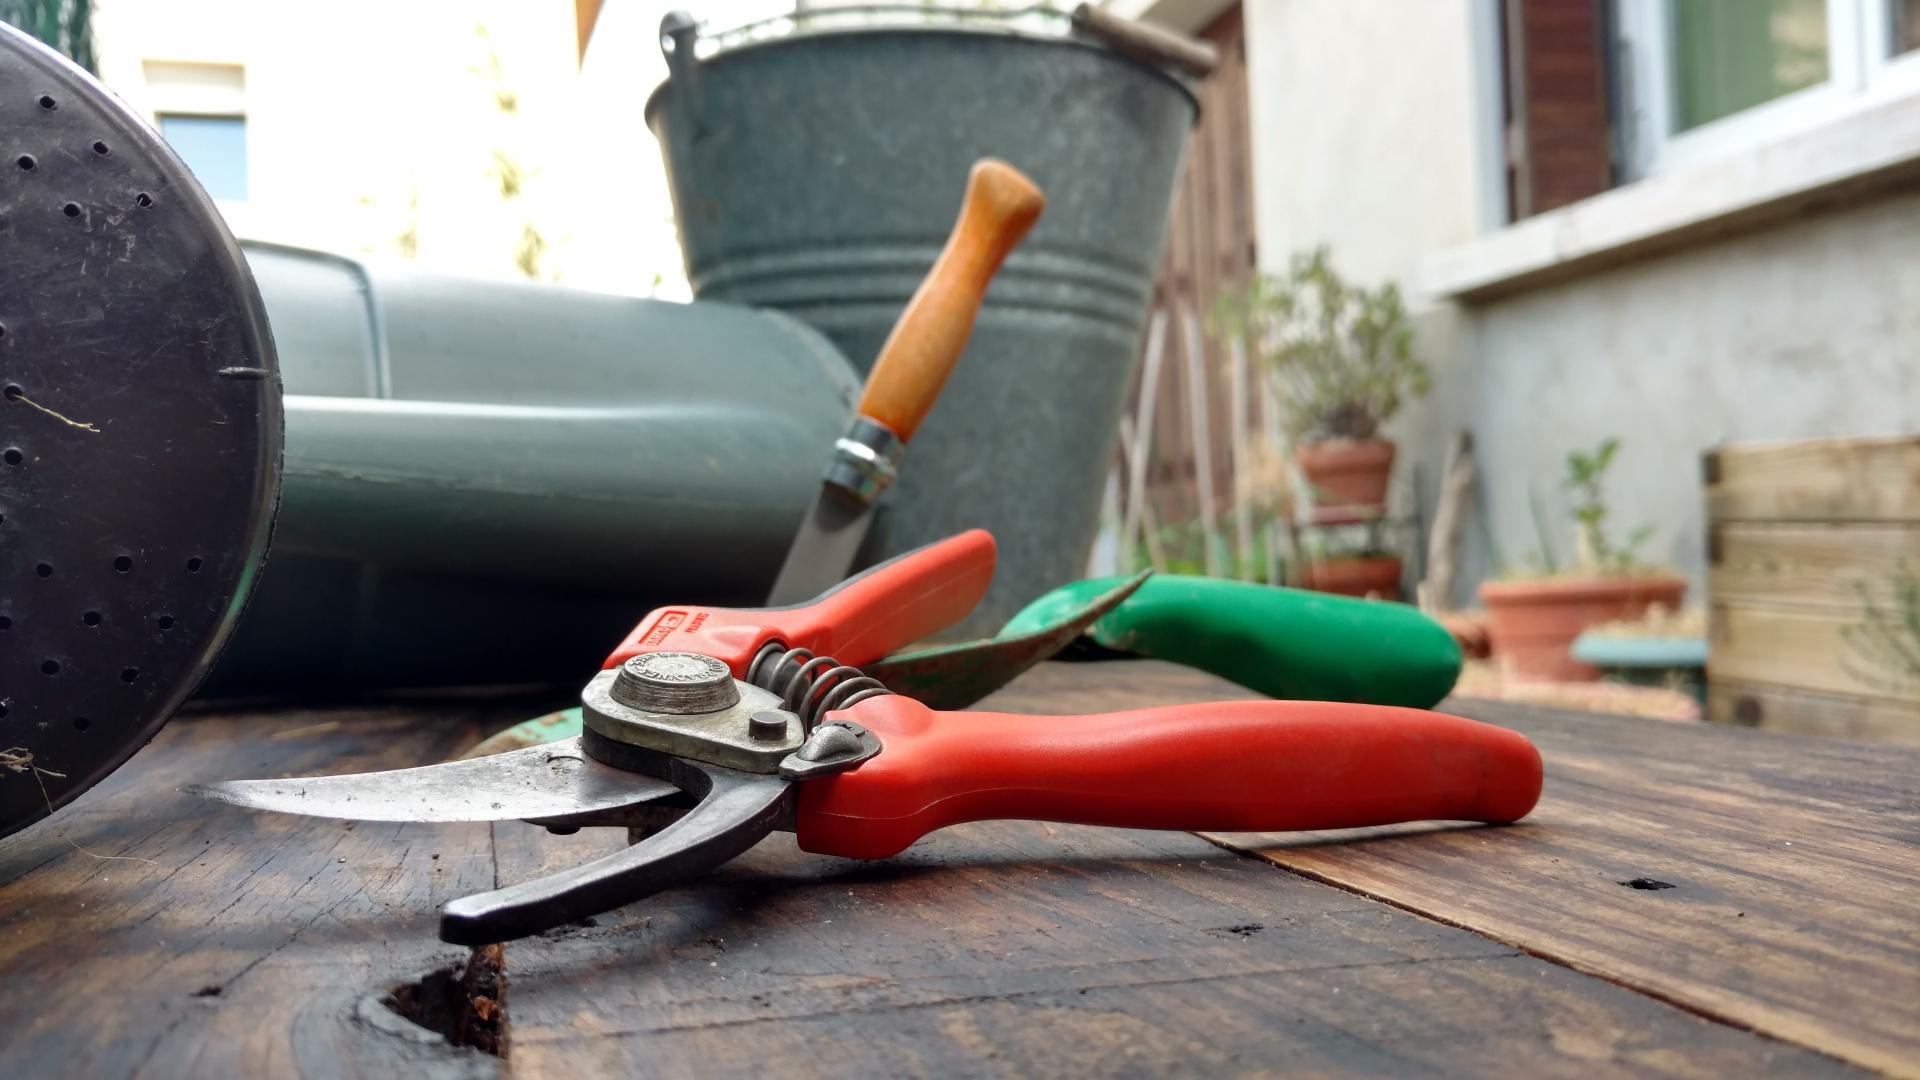 Le potager minimalsite, les outils